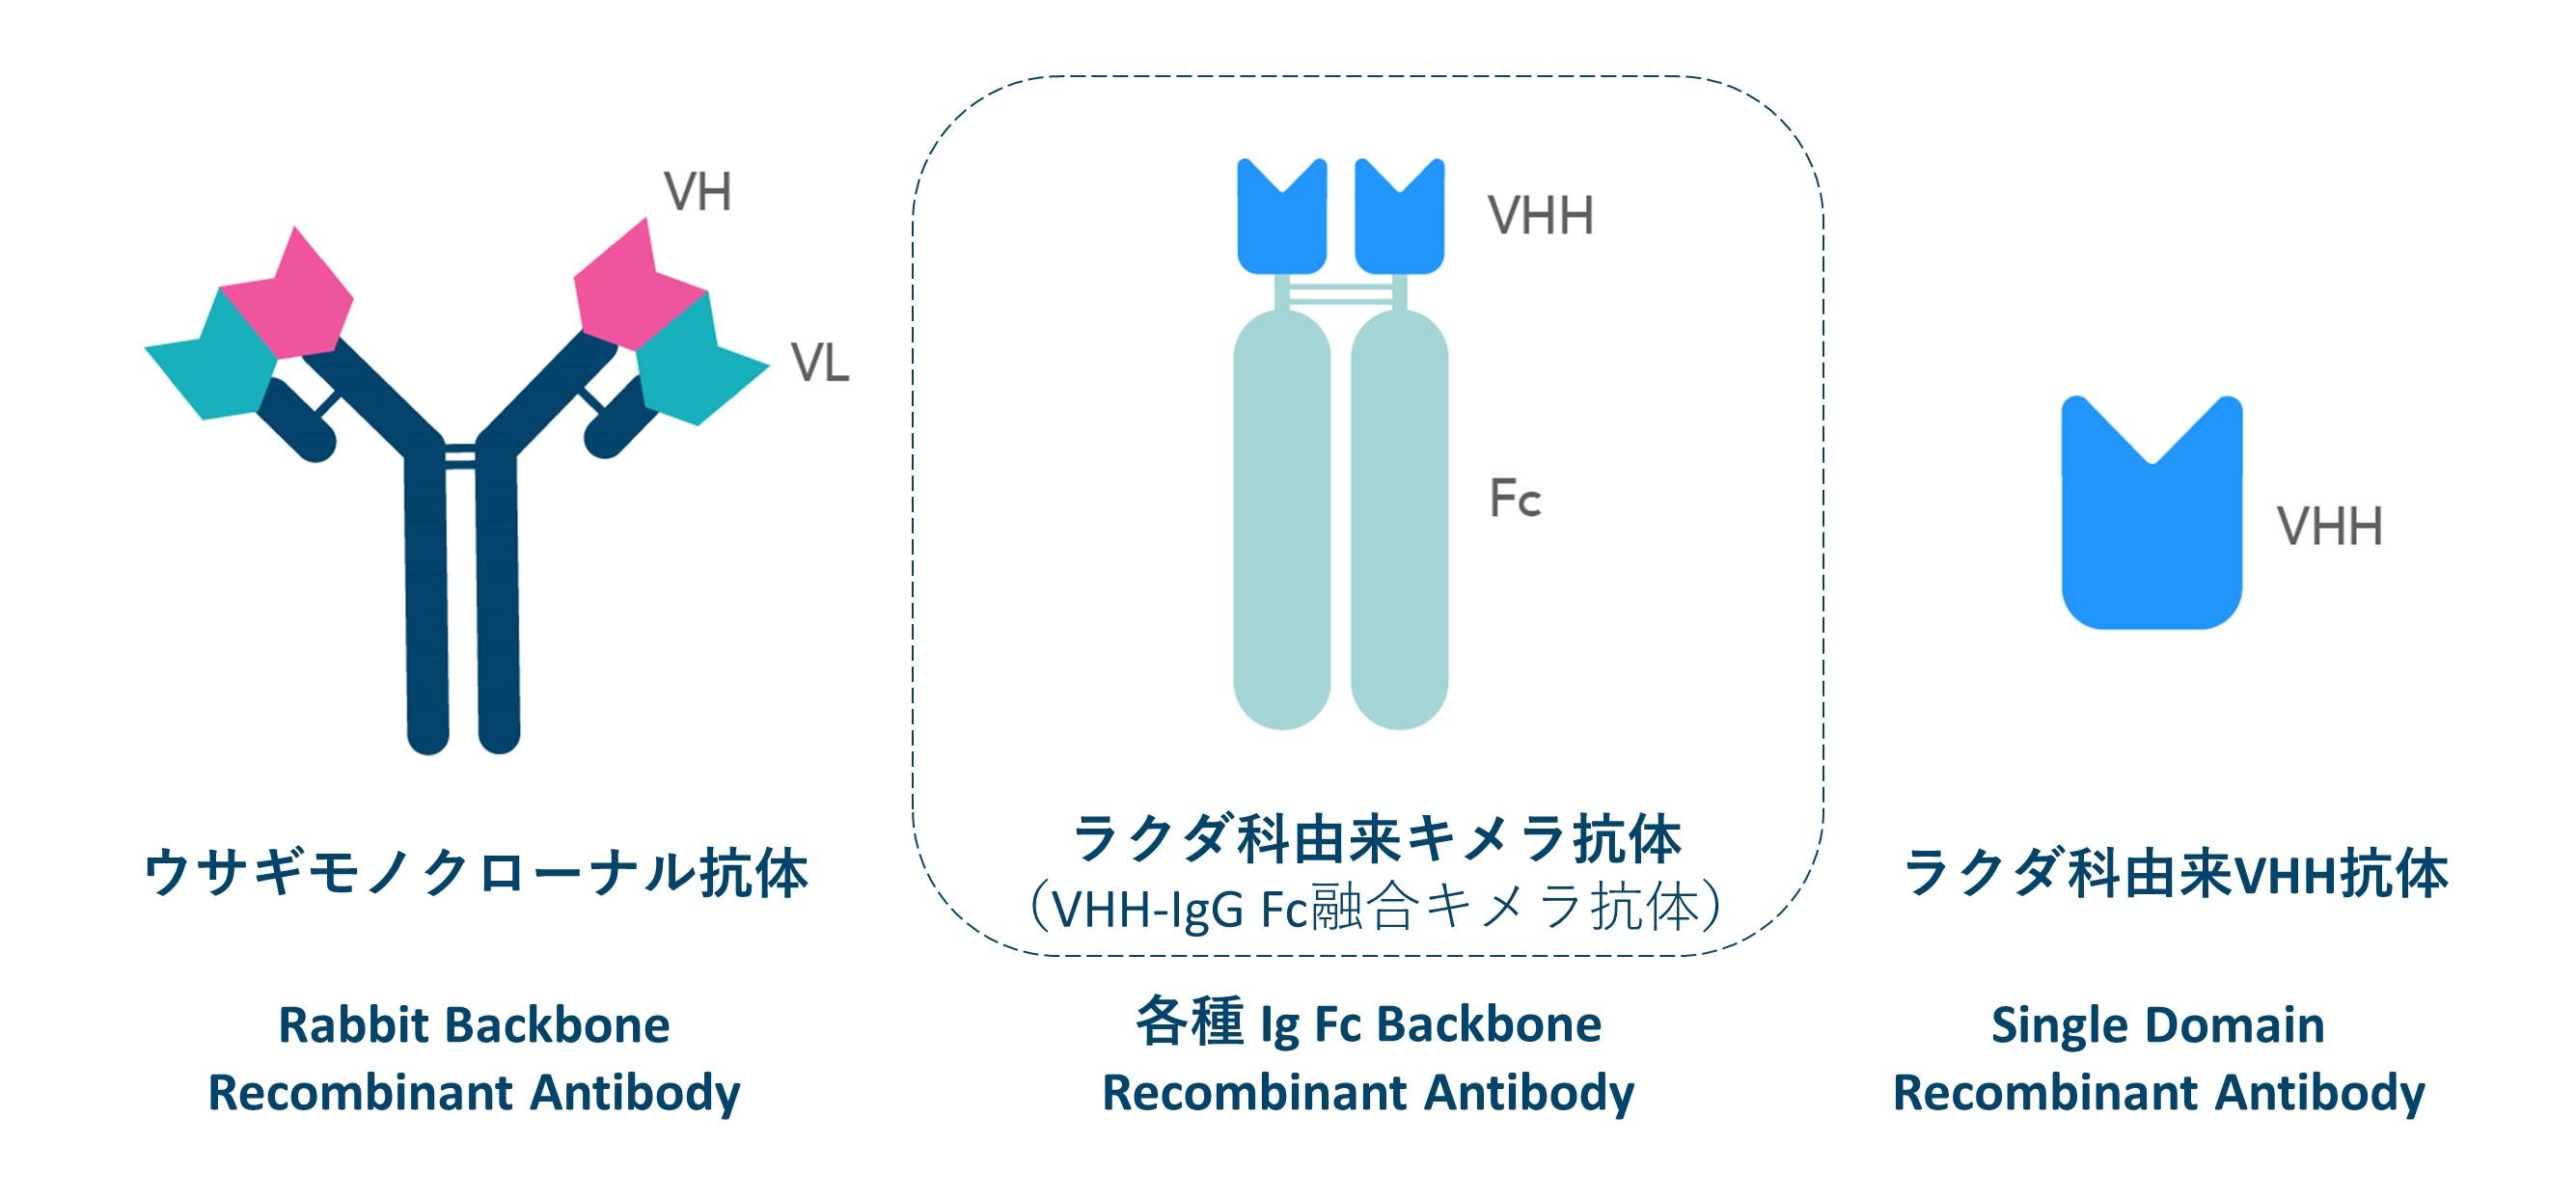 図. Ig Fc融合キメラ抗体を含むリコンビナント抗体の種類